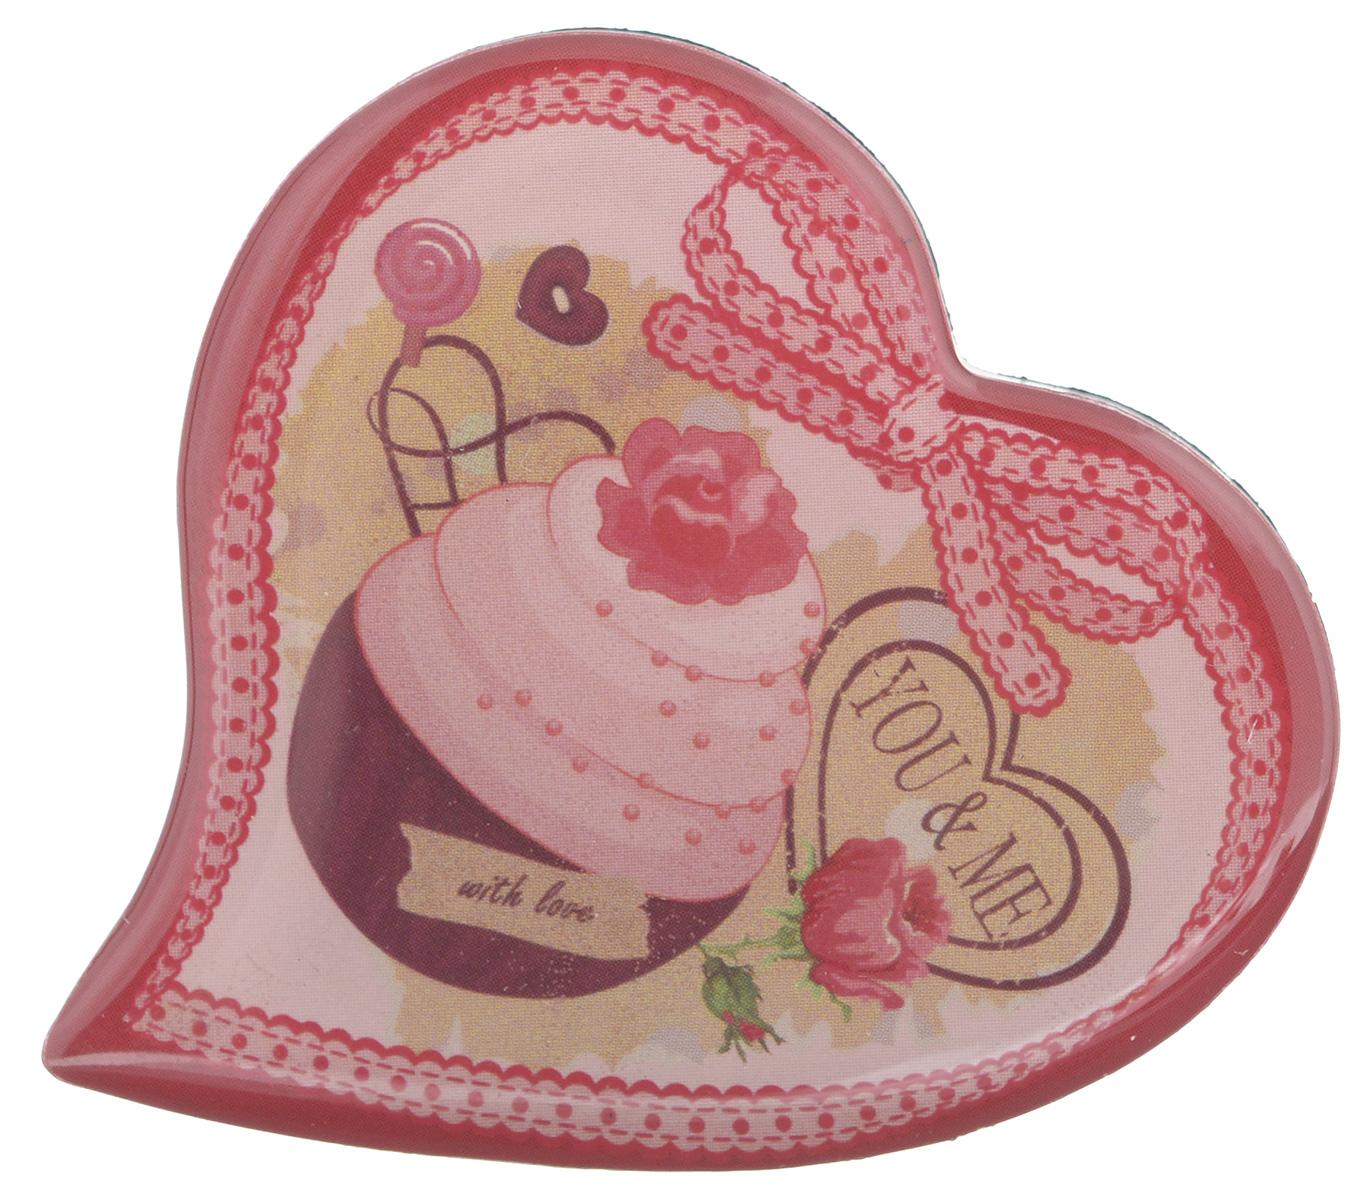 Магнит Феникс-презент You & Me, 5 x 5 см27178Магнит в форме сердца Феникс-презент You & Me, выполненный из агломерированного феррита, станет приятным штрихом в повседневной жизни. Оригинальный магнит, декорированный изображением пирожного, поможет вам украсить не только холодильник, но и любую другую магнитную поверхность. Материал: агломерированный феррит.